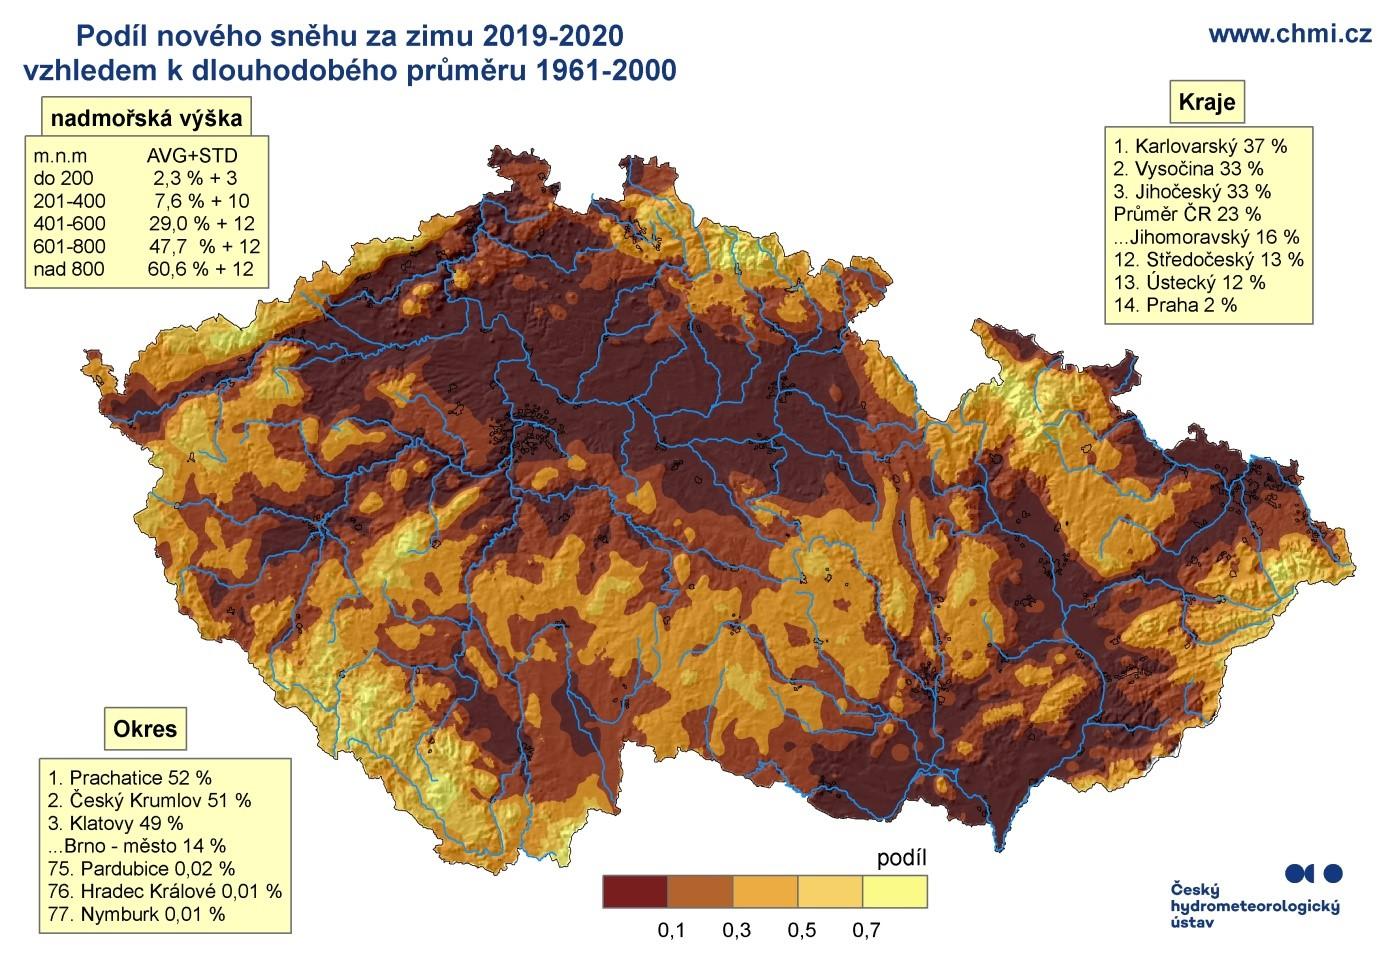 Sněhové podmínky během zimy 2019-20201 min čtení